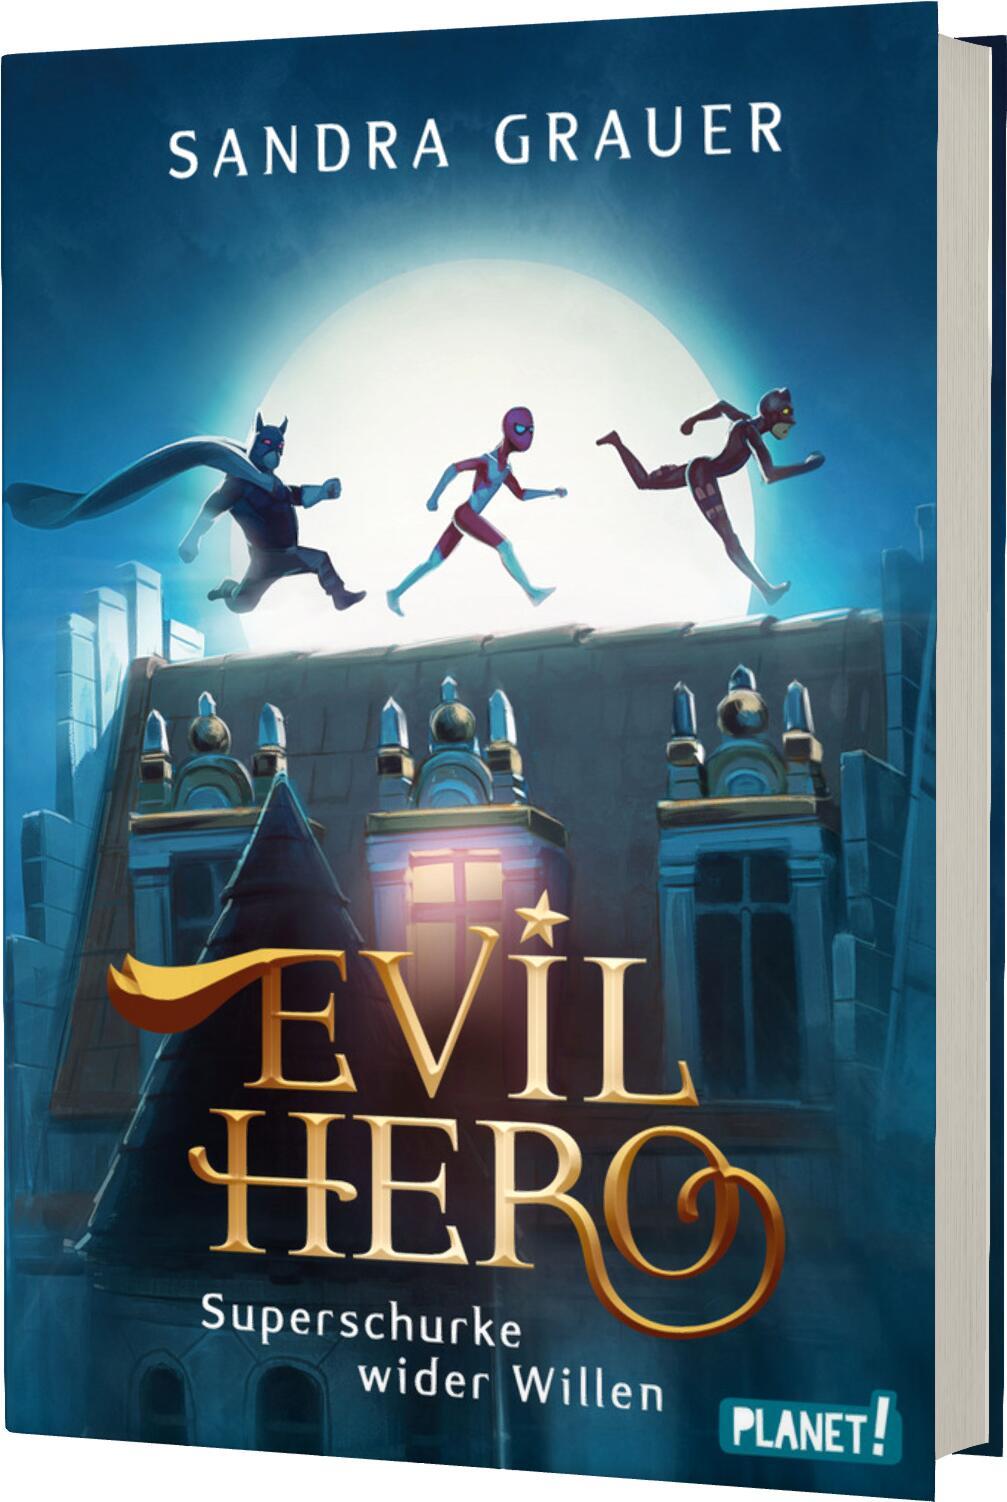 Bildergebnis für evil hero superschurke